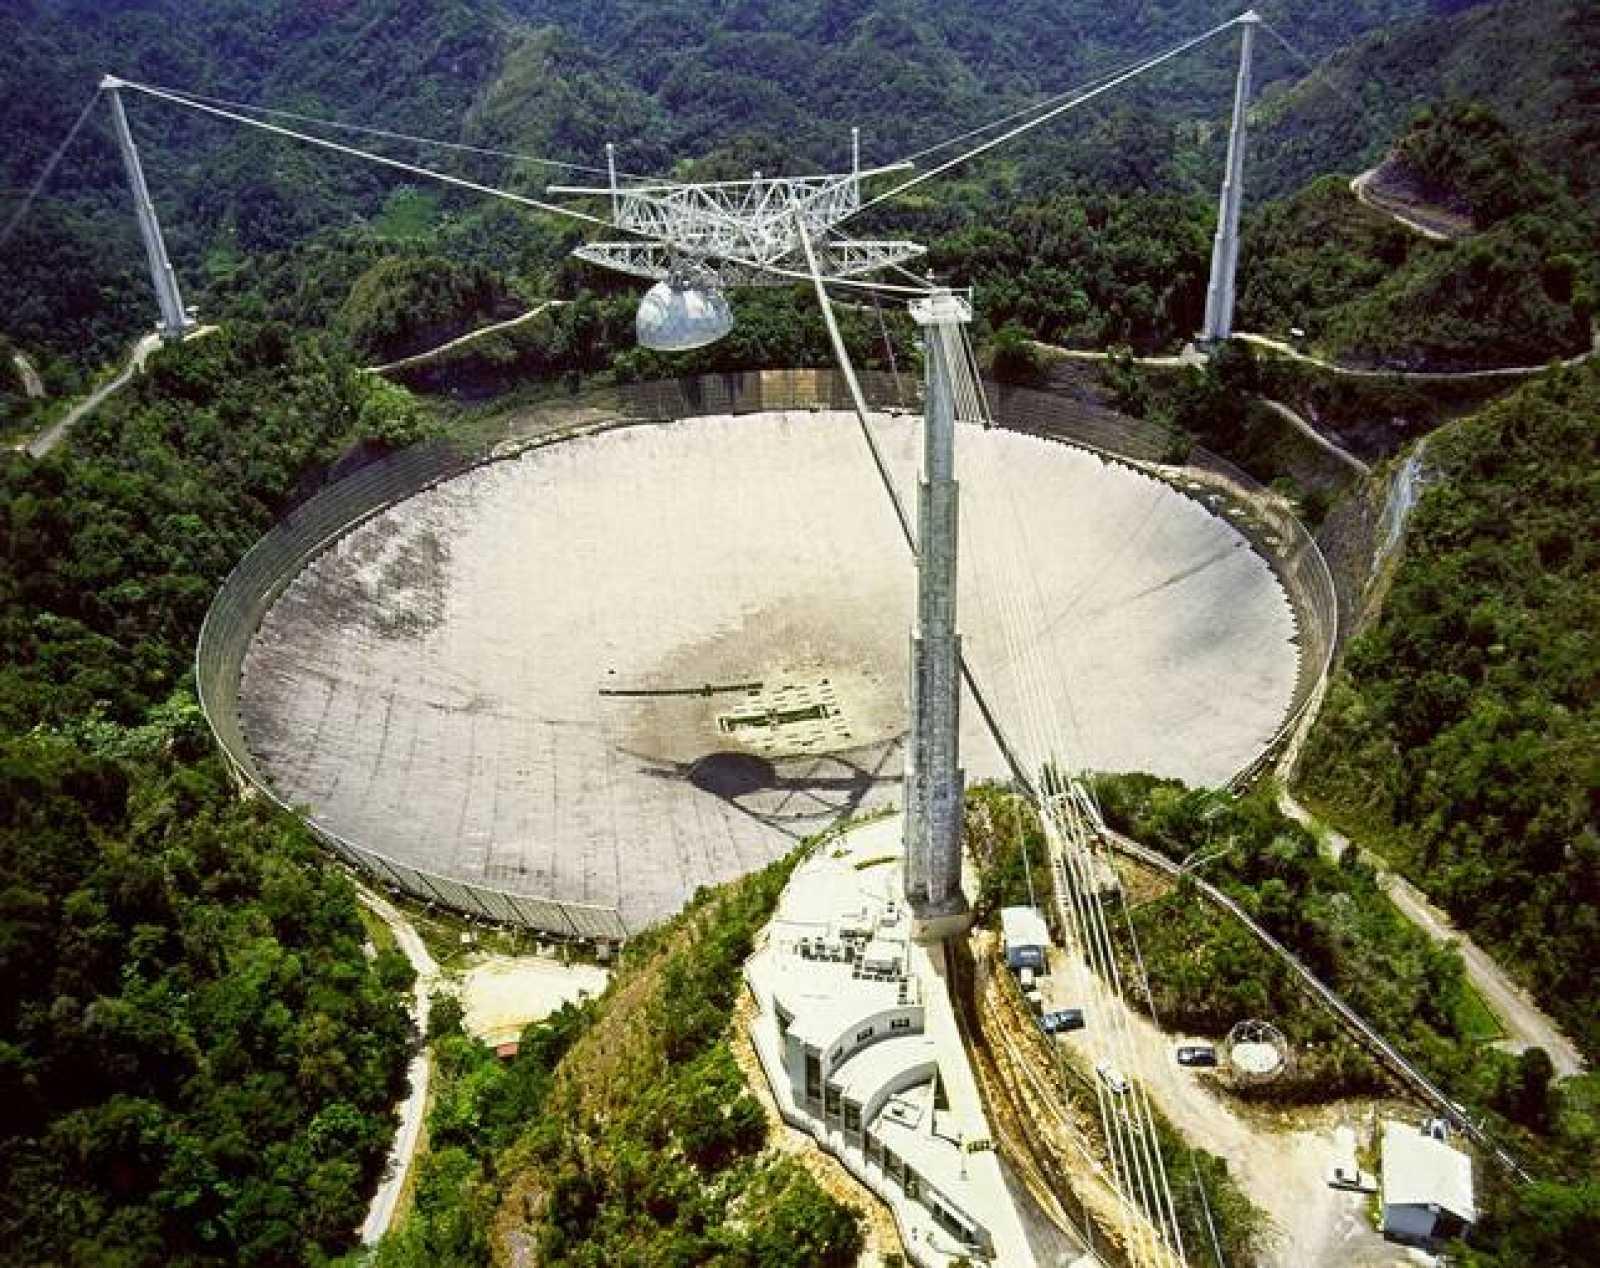 Vista aérea del radiotelescopio Arecibo